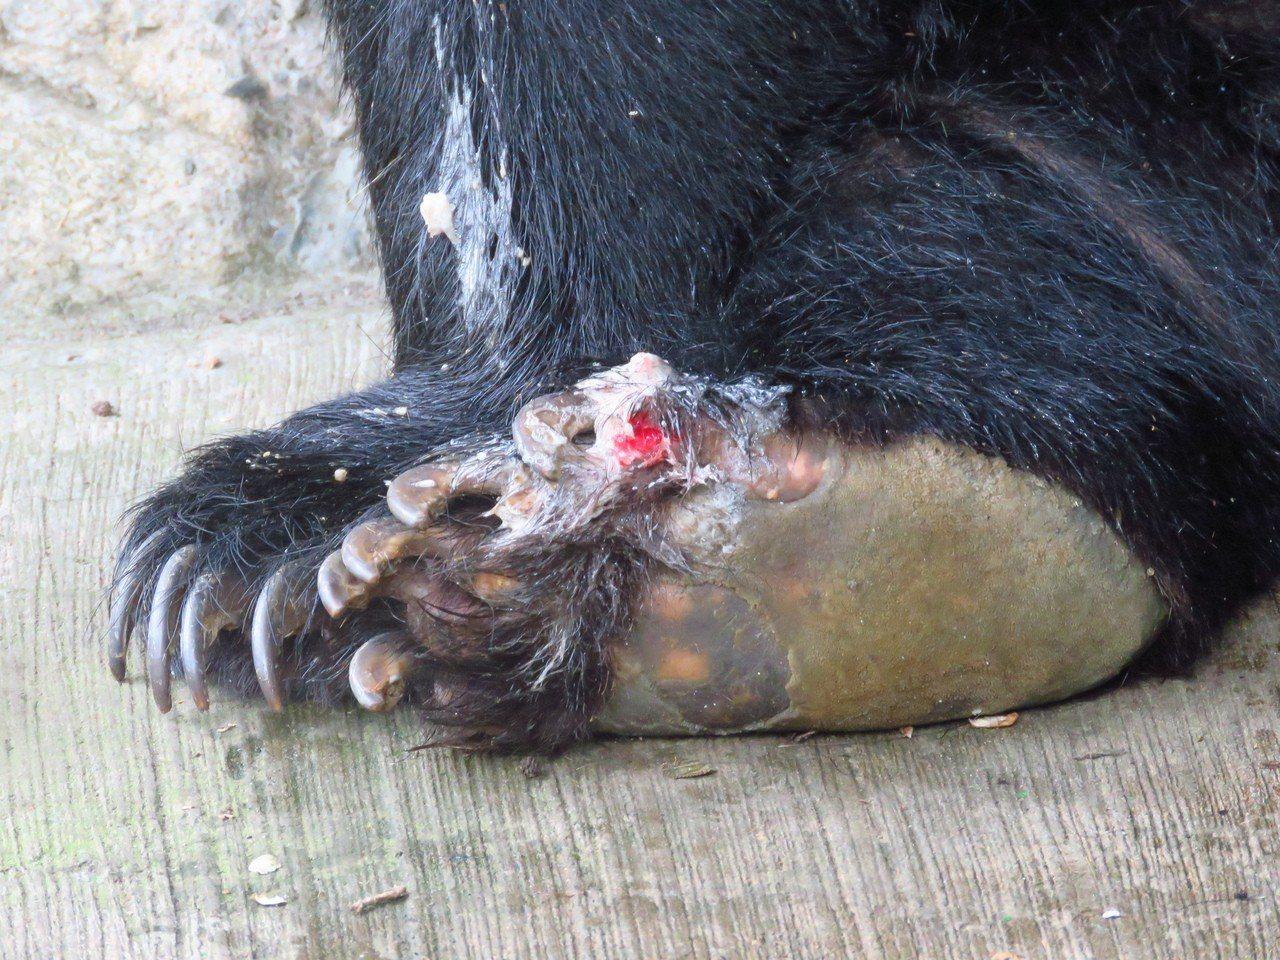 圈養黑熊易產生自殘行為,而出現傷勢。圖/特生中心提供